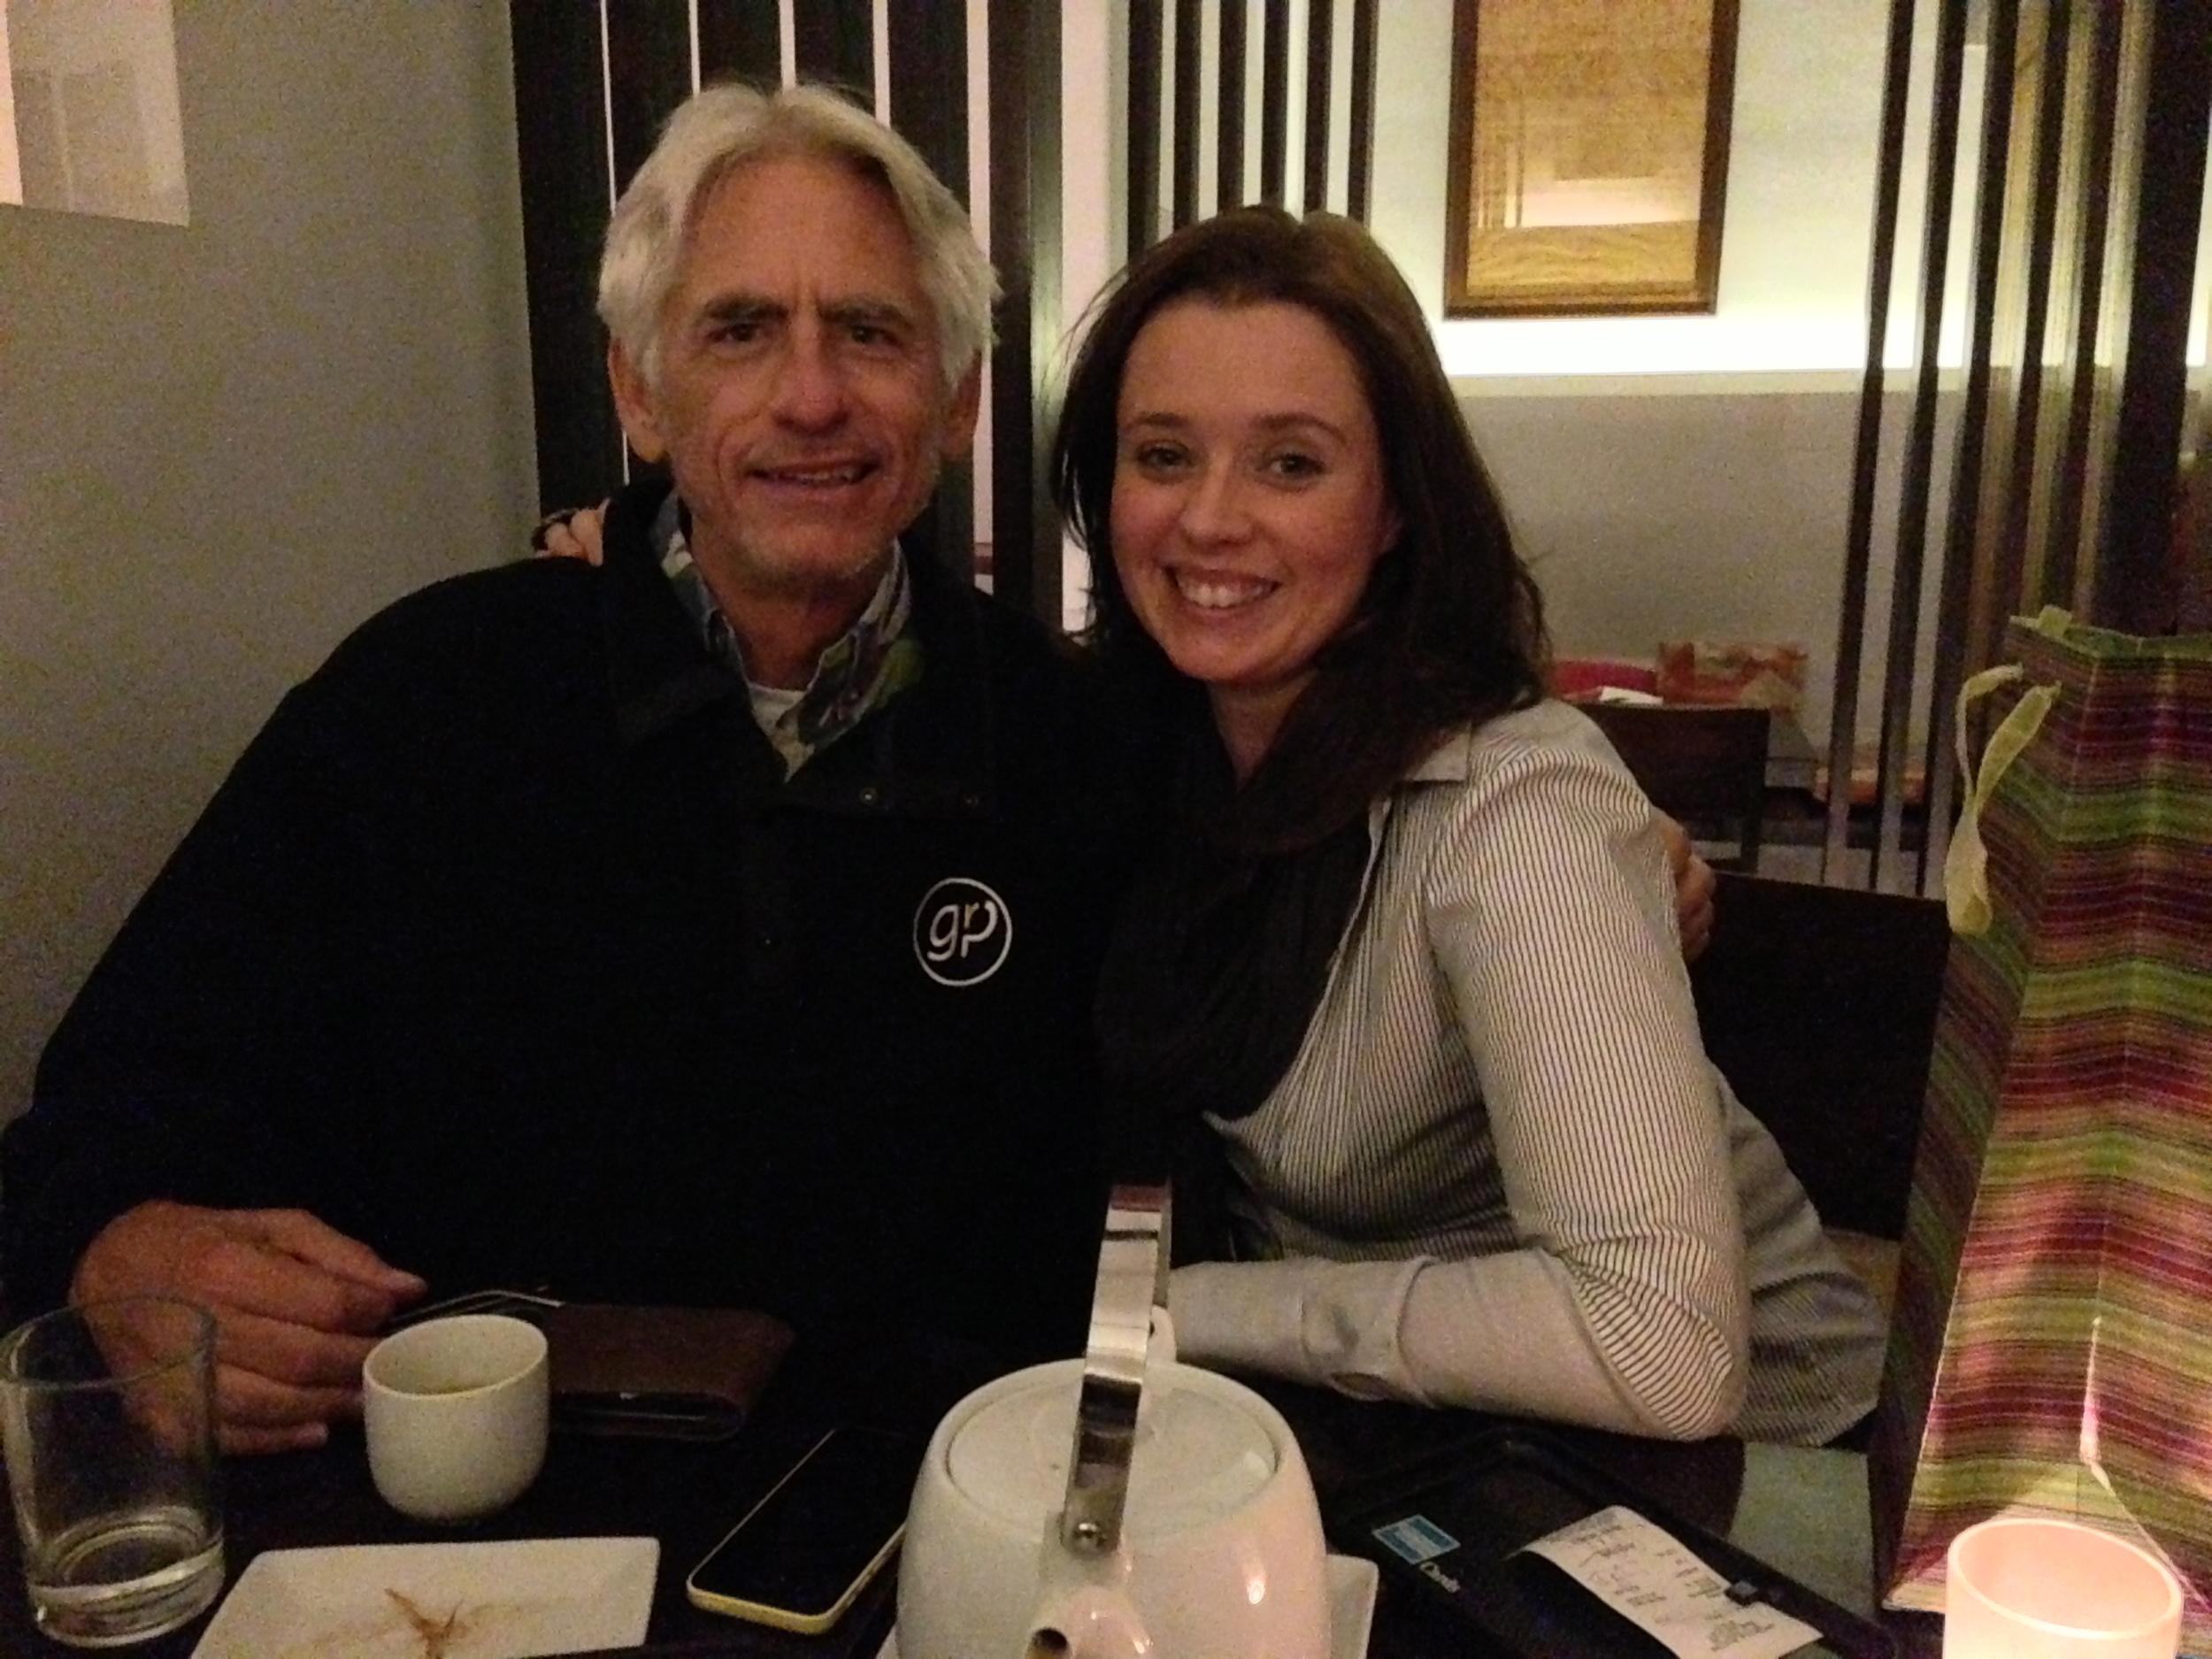 David Benoit & Michelle